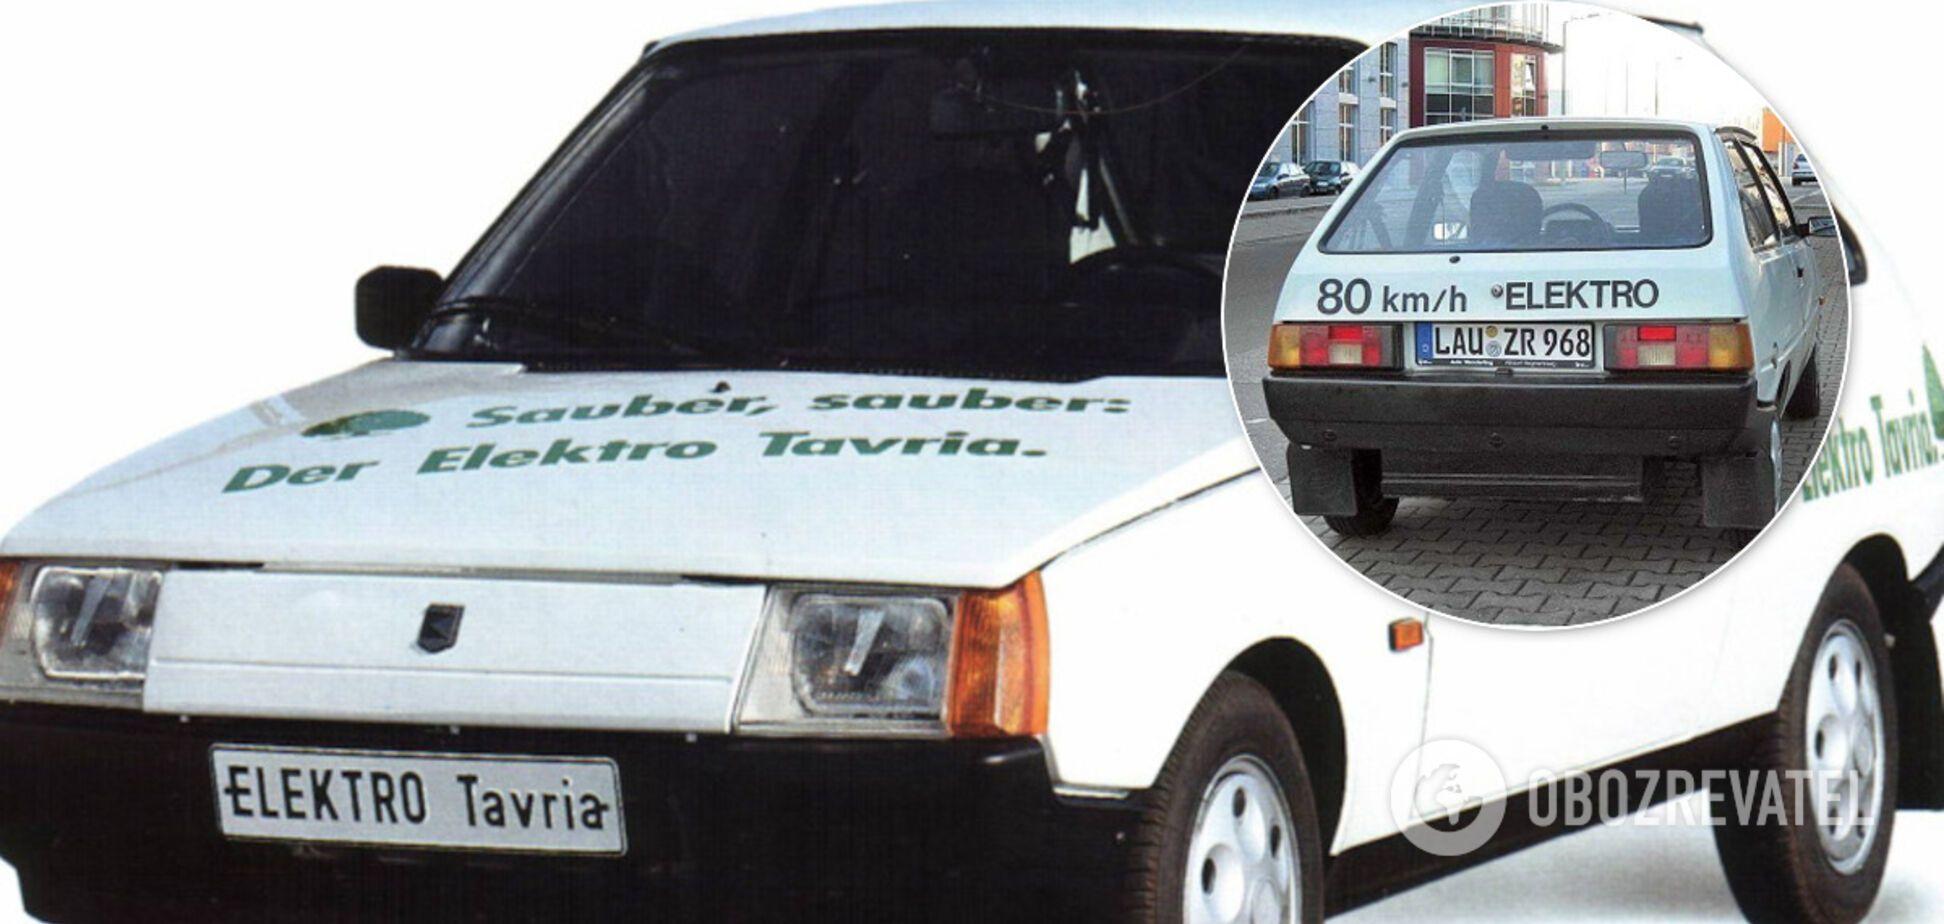 Как ЗАЗ продавал в Германии уникальную Таврию Электро. Фото